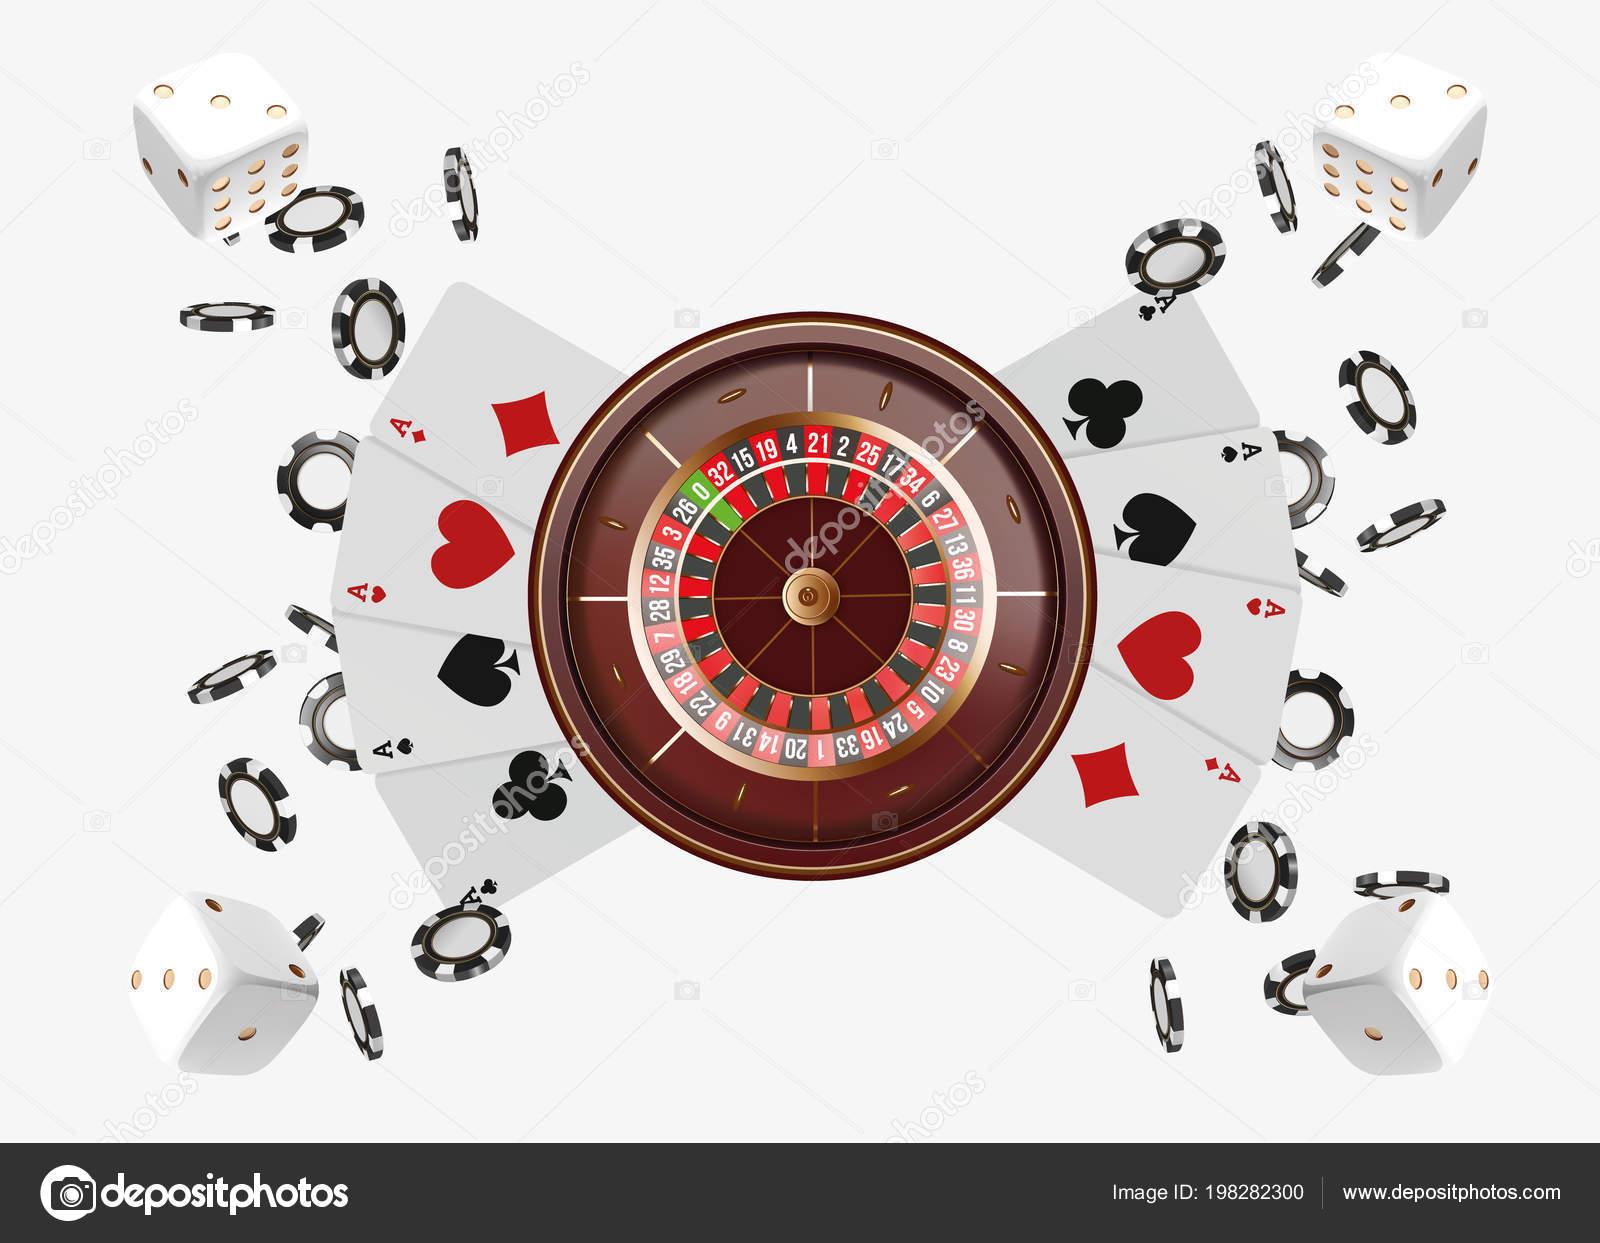 bono sin deposito casino 2019